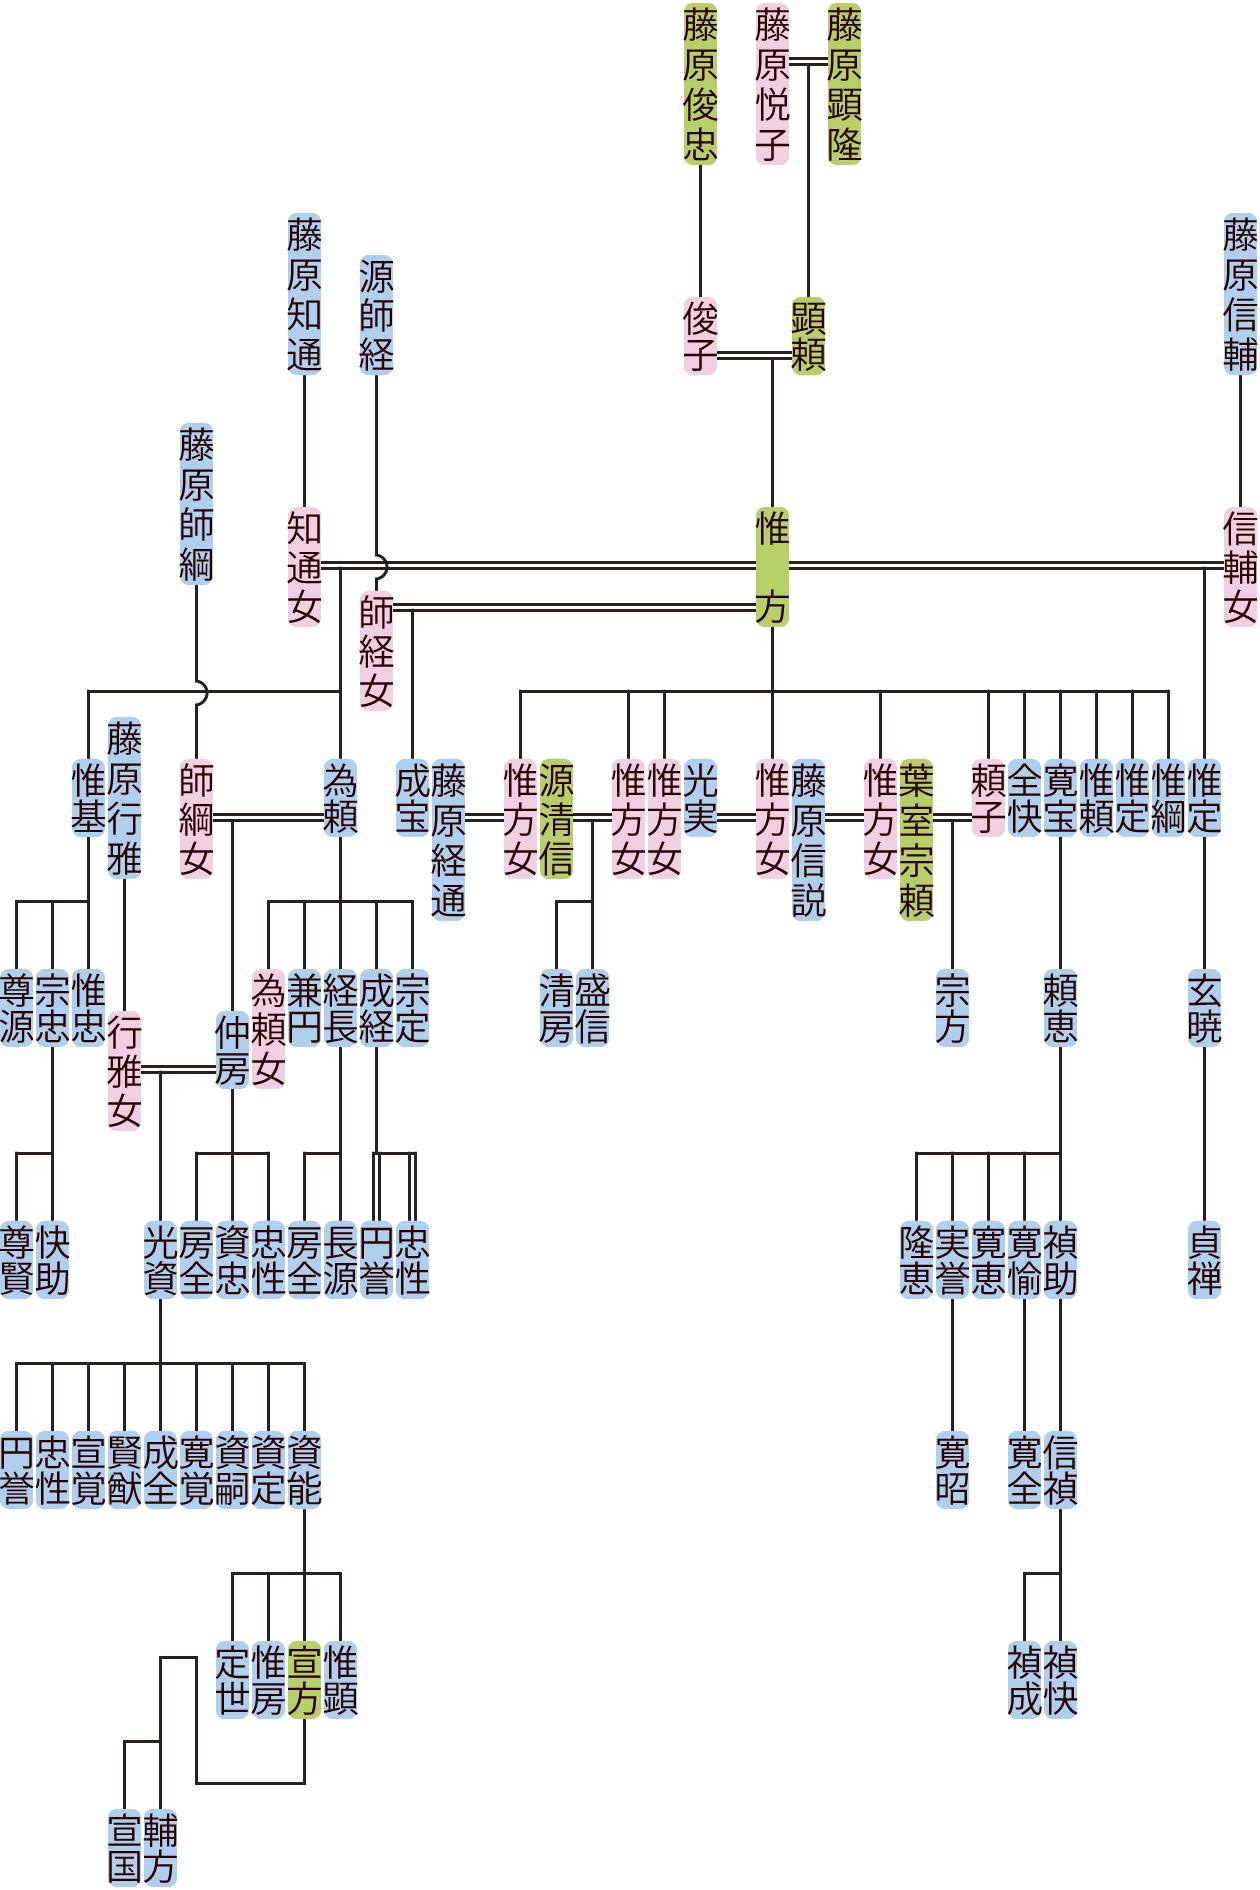 藤原惟方の系図